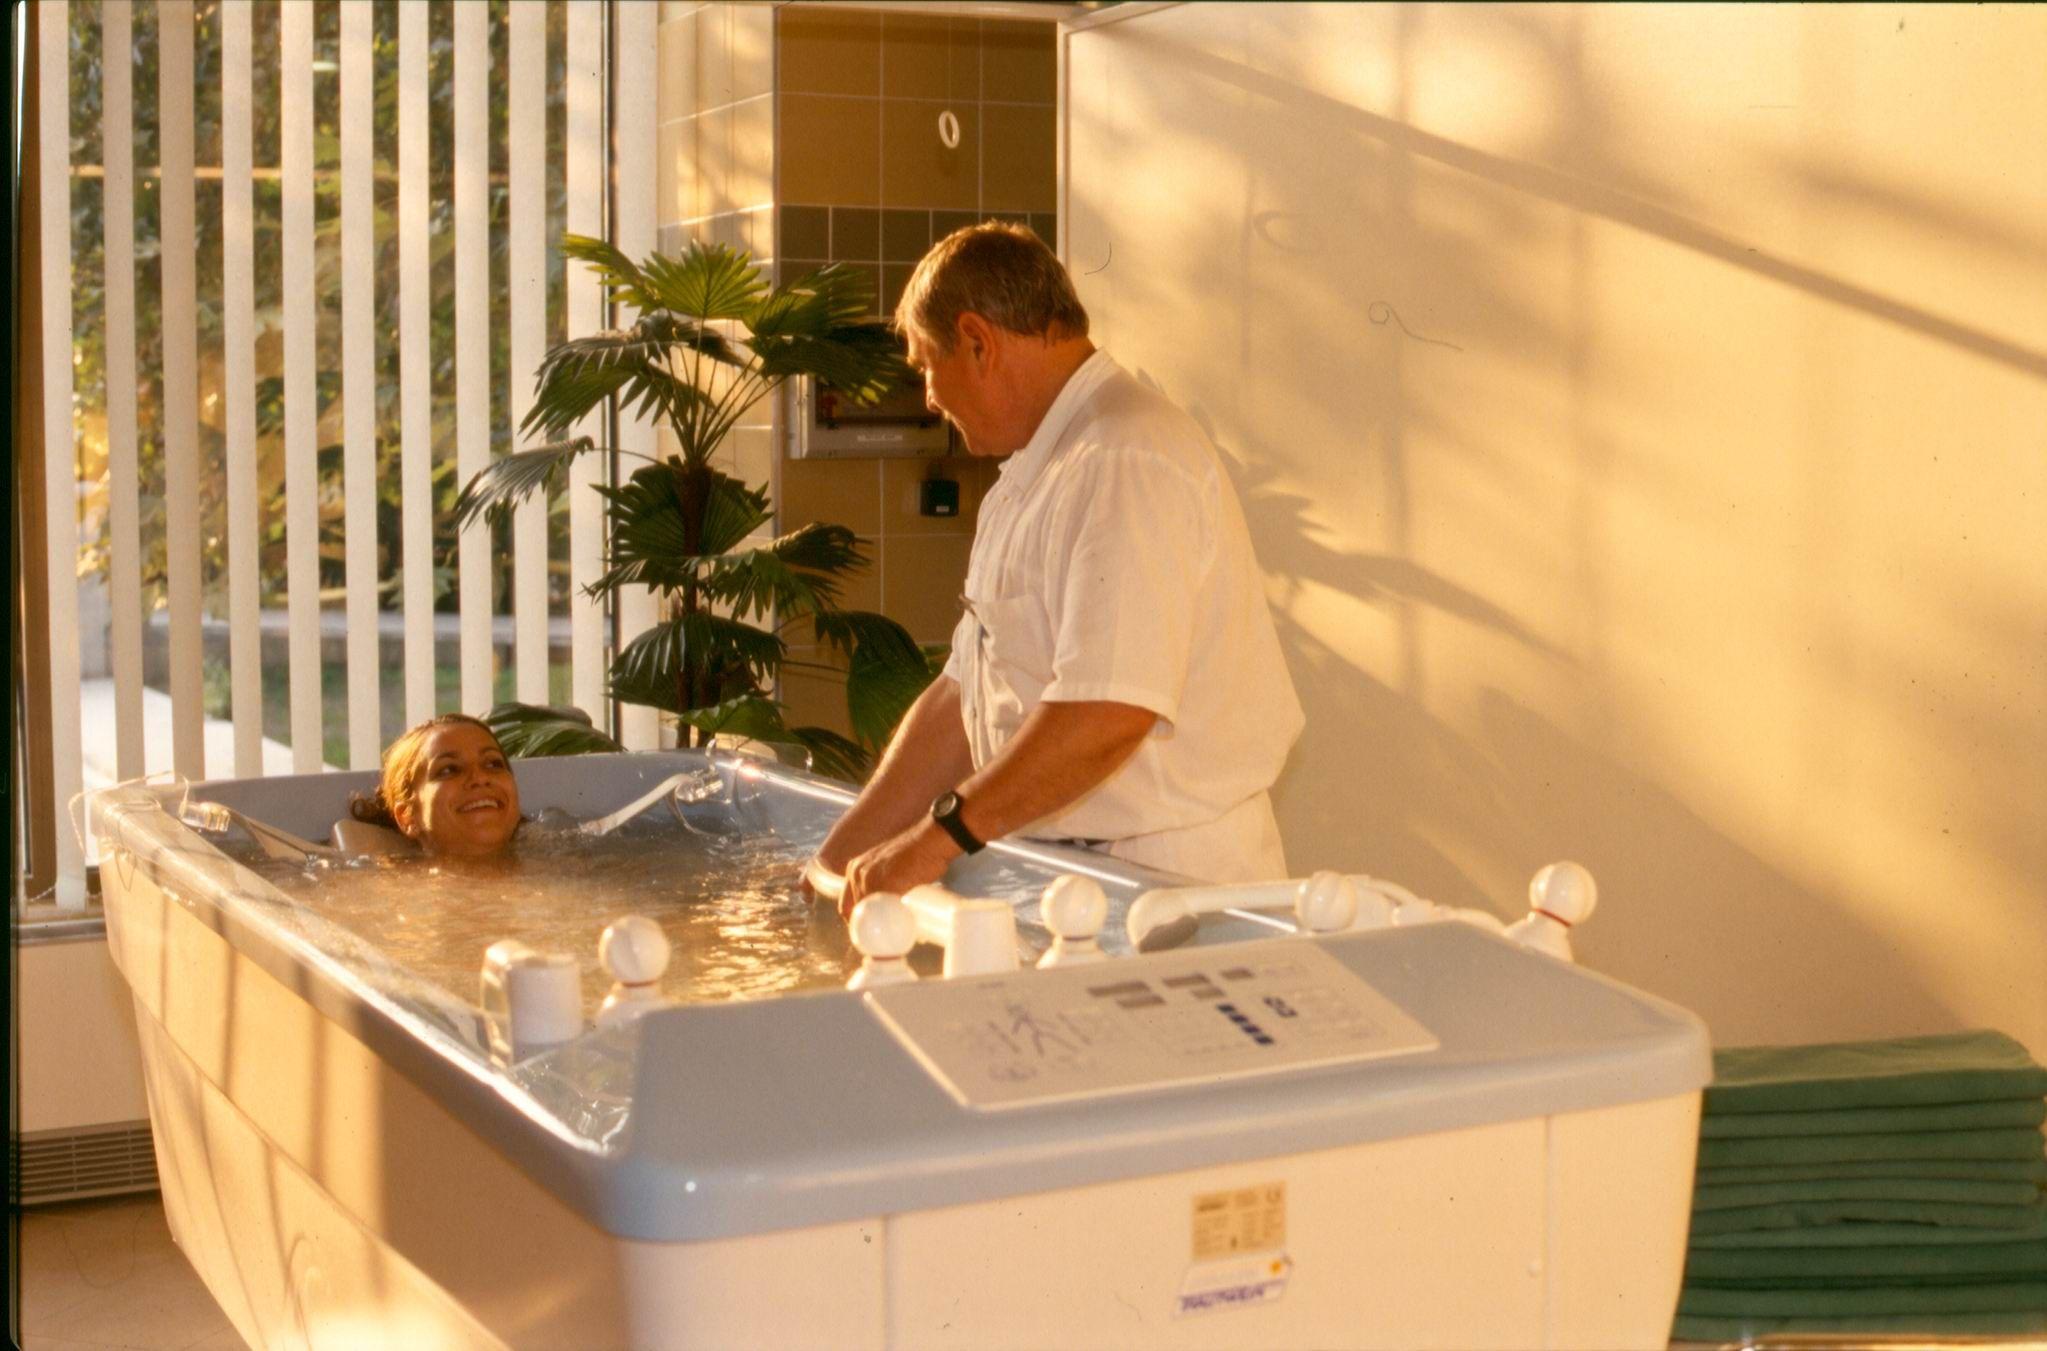 magas vérnyomás esetén sós fürdőket vehet magas vérnyomás hogyan lehet gyorsan csökkenteni a vérnyomást otthon